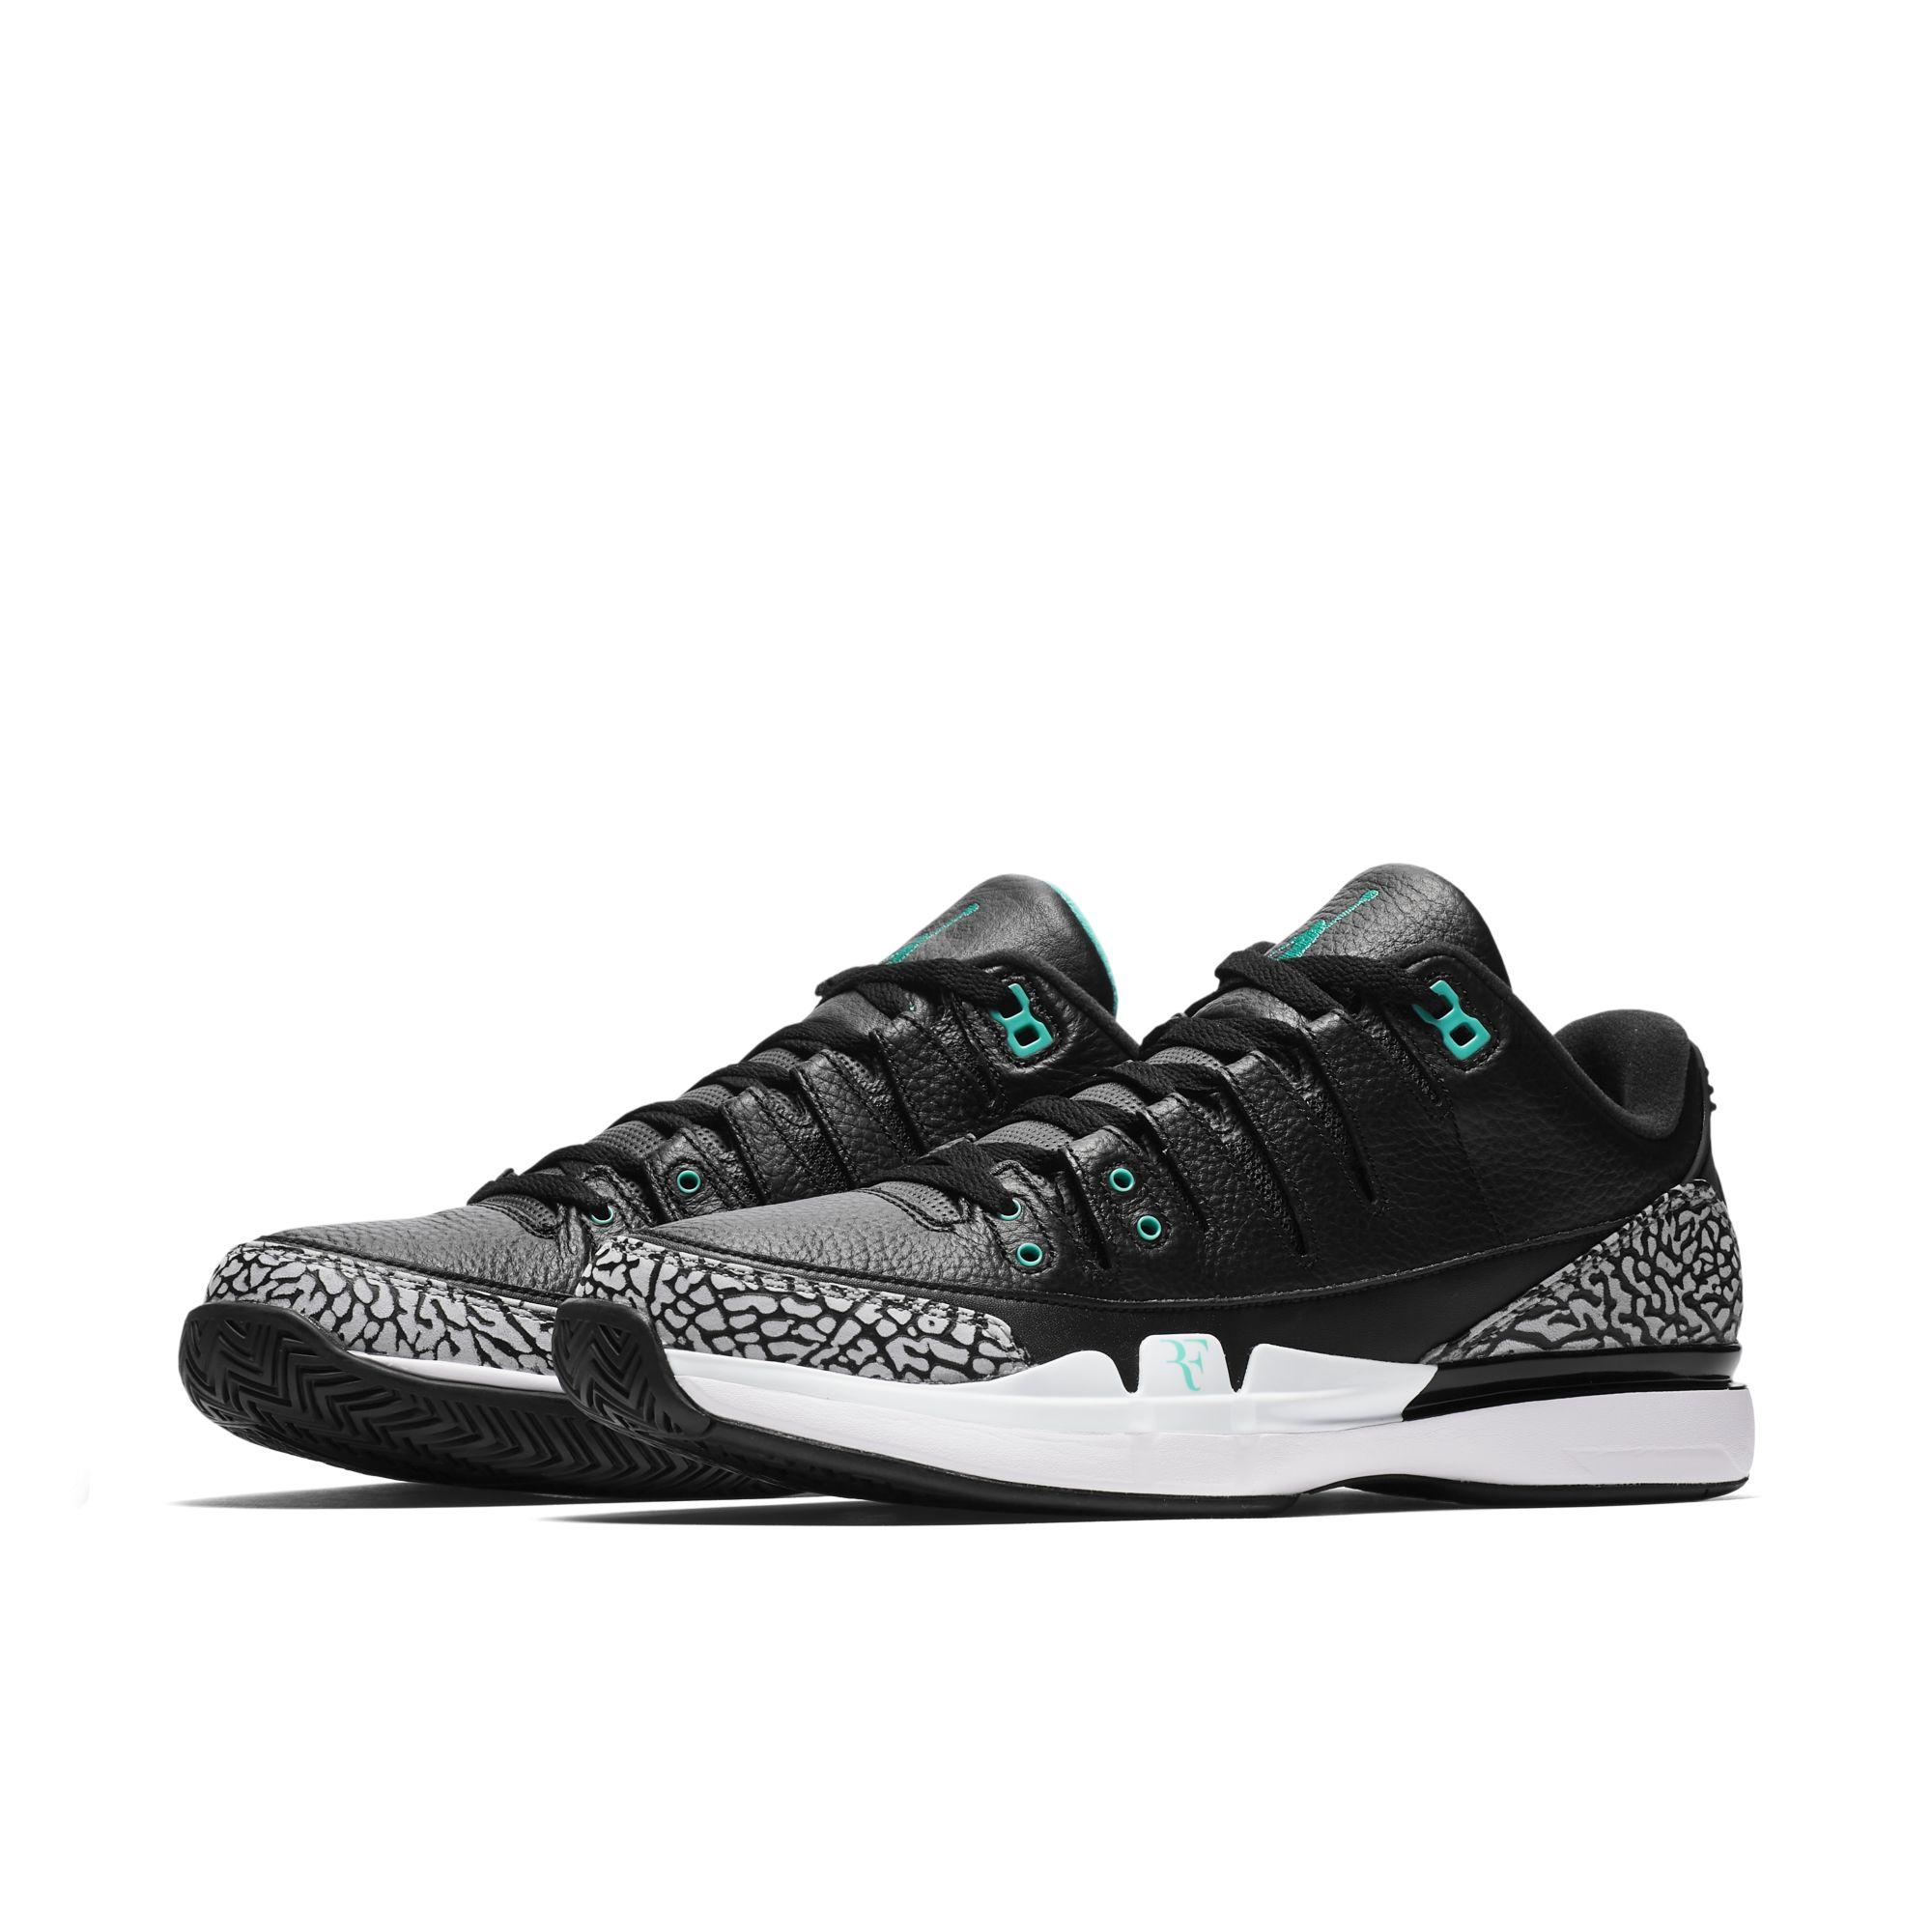 40c3f4821784 NikeCourt Zoom Vapor AJ3 roger federer 1 · Jordan Brand   Kicks Off Court    Nike   Tennis ...